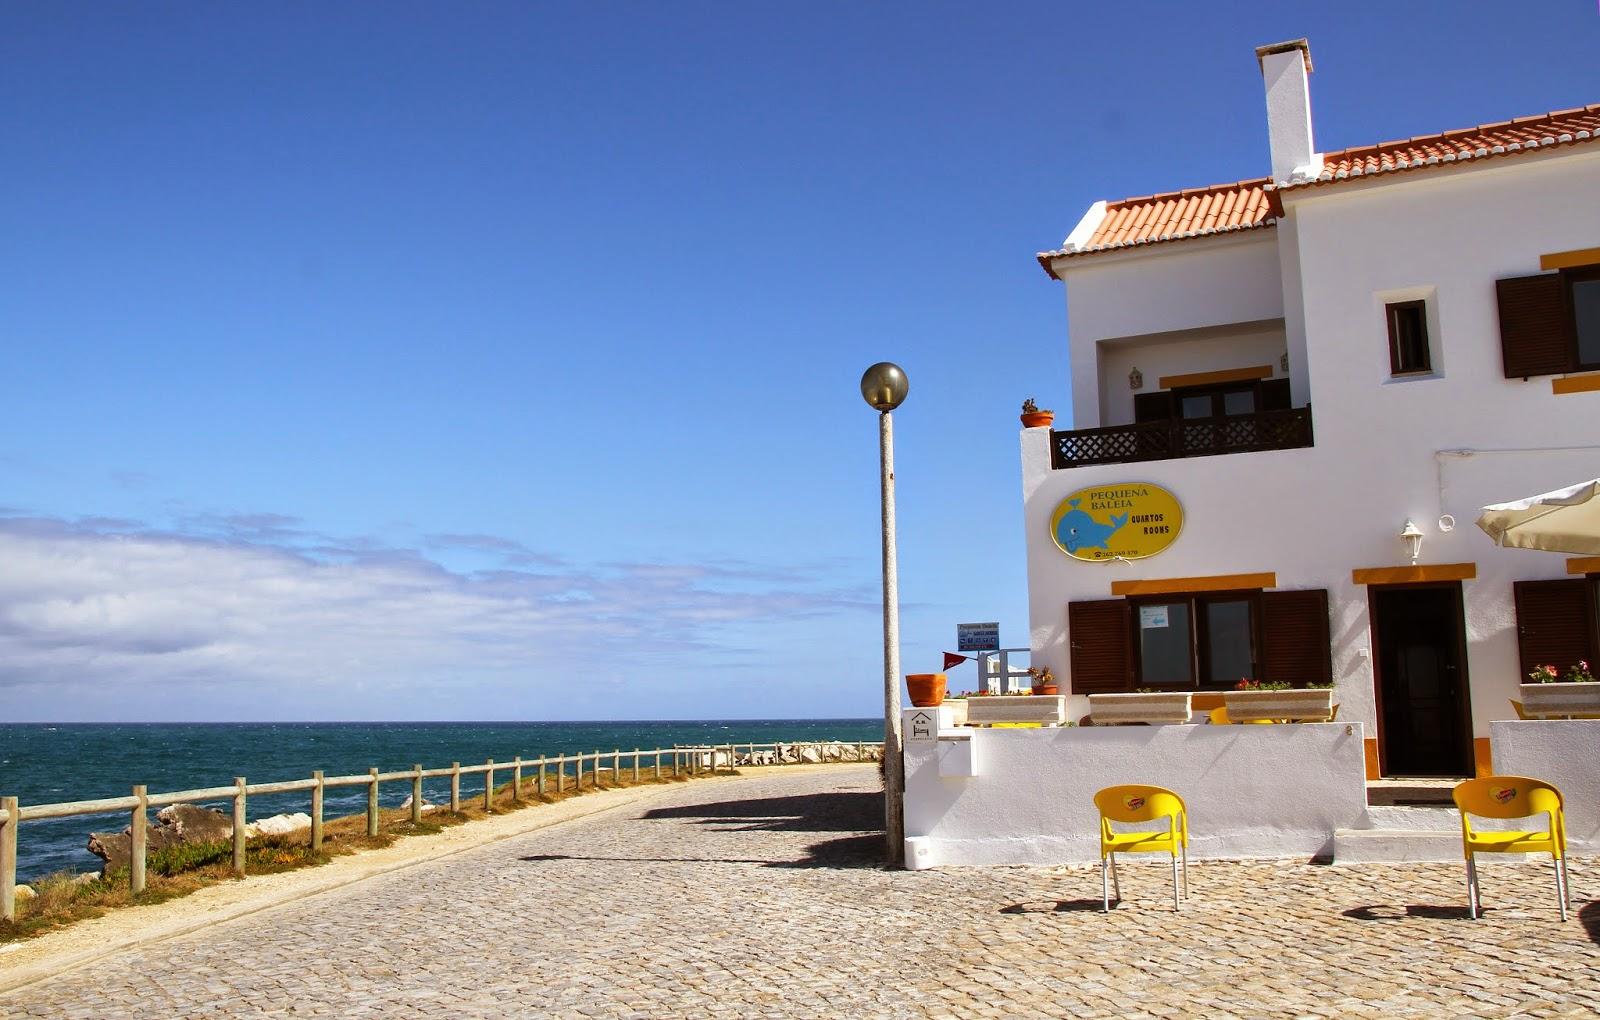 DICAS de viagem na Costa de PENICHE (com indicação dos melhores hotéis) | Portugal